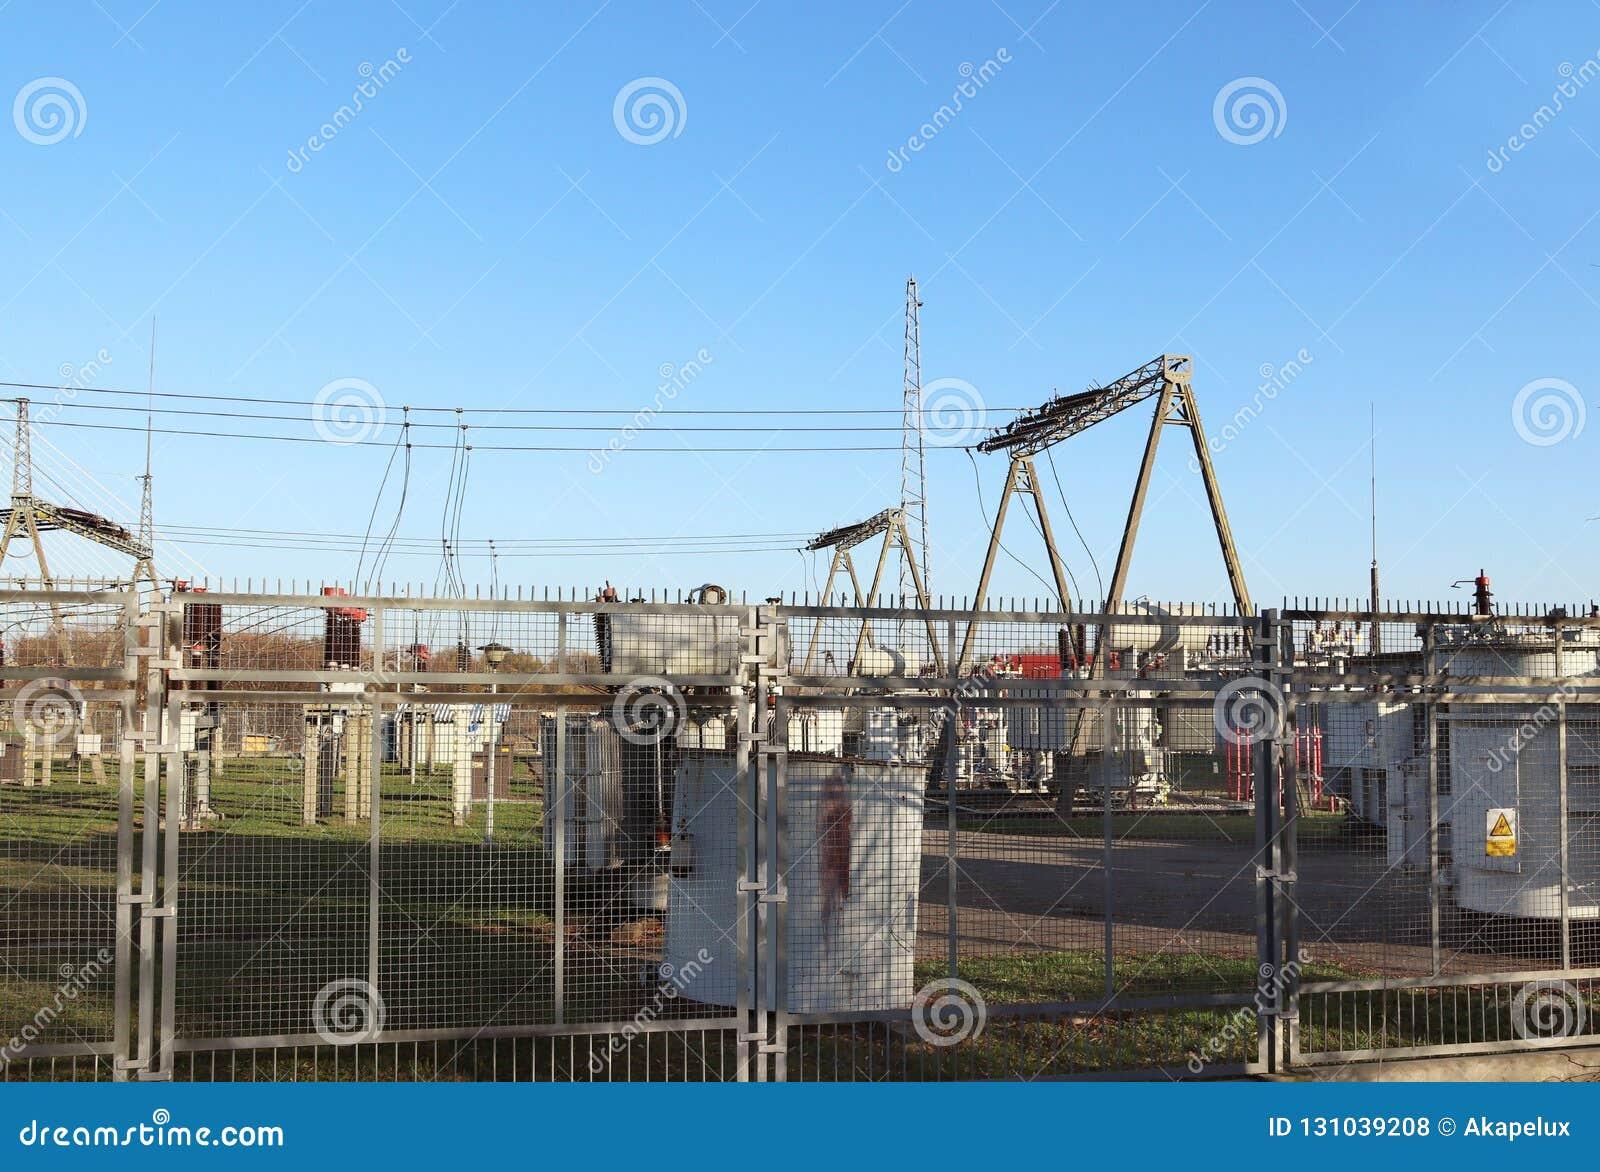 Nätverk för hög spänning för transformatoravdelningskontor elektriskt Industriell energi Metallstrukturer i det öppet Isolatorer